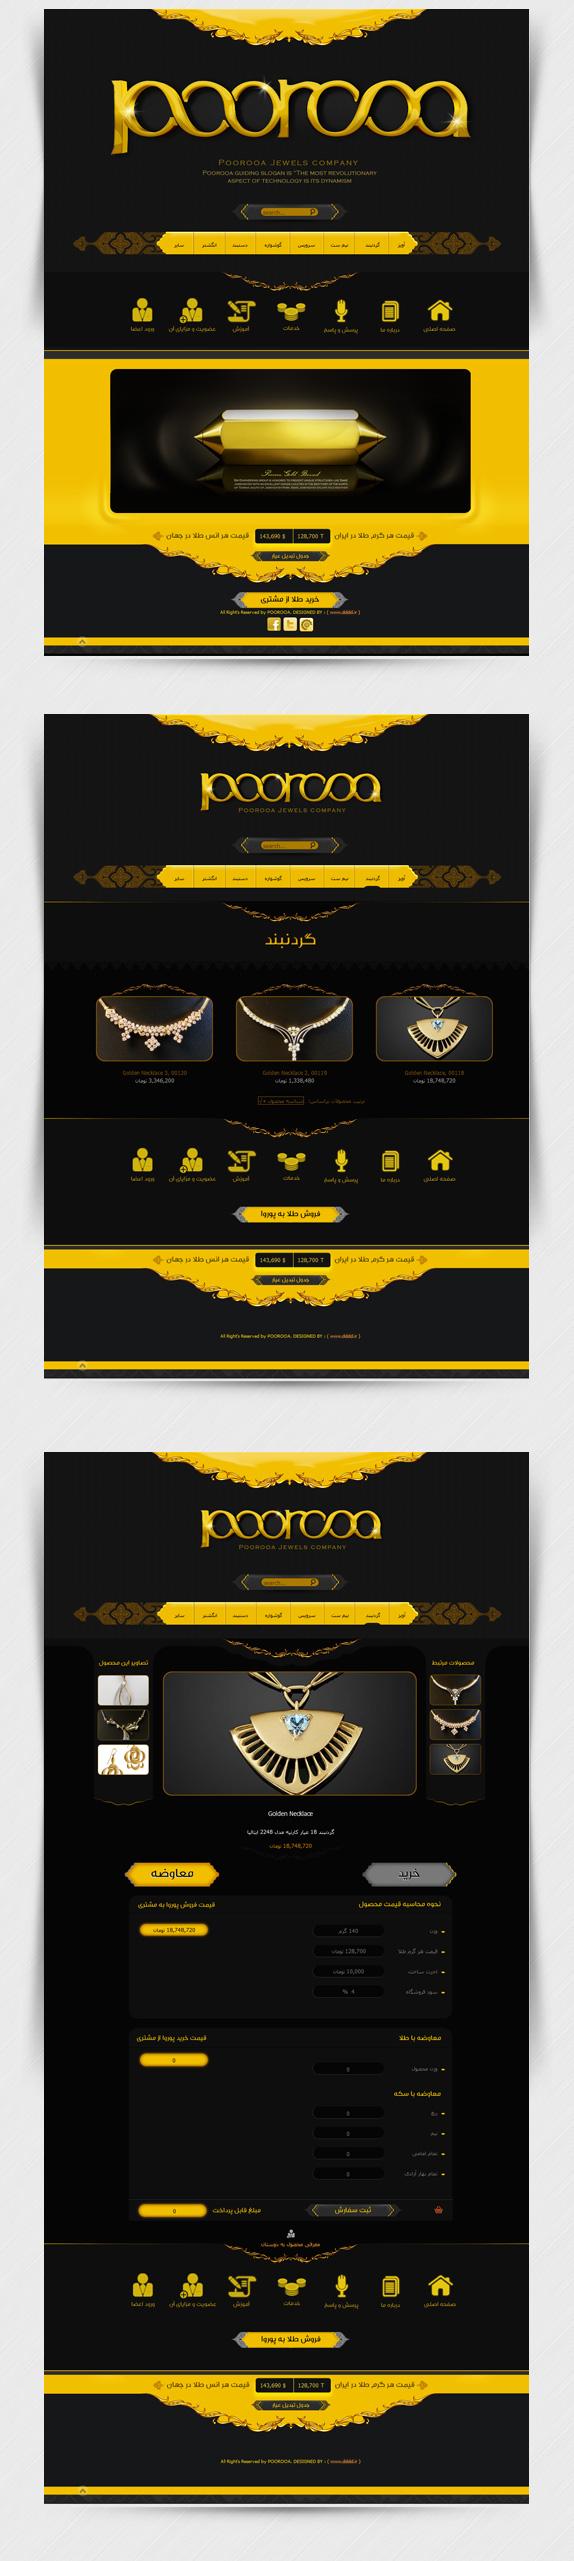 طراحی سایت فروشگاه اینتنتی پوروا